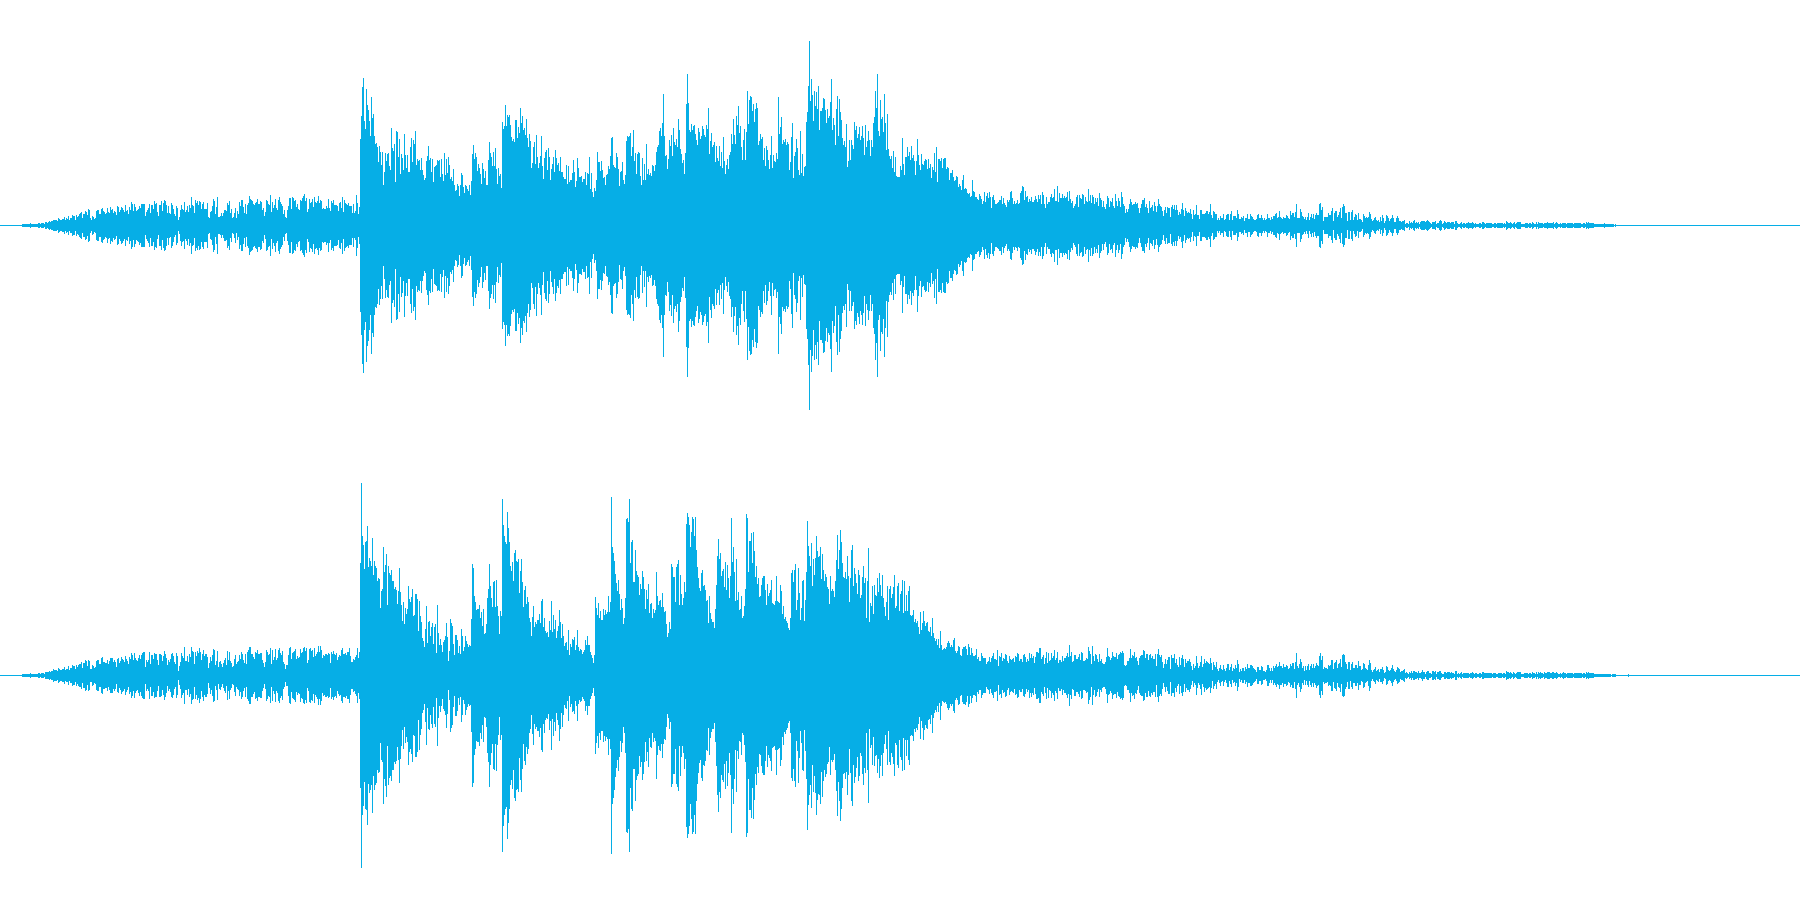 タイトル用 グリーグ作 ピアノ協奏曲よりの再生済みの波形